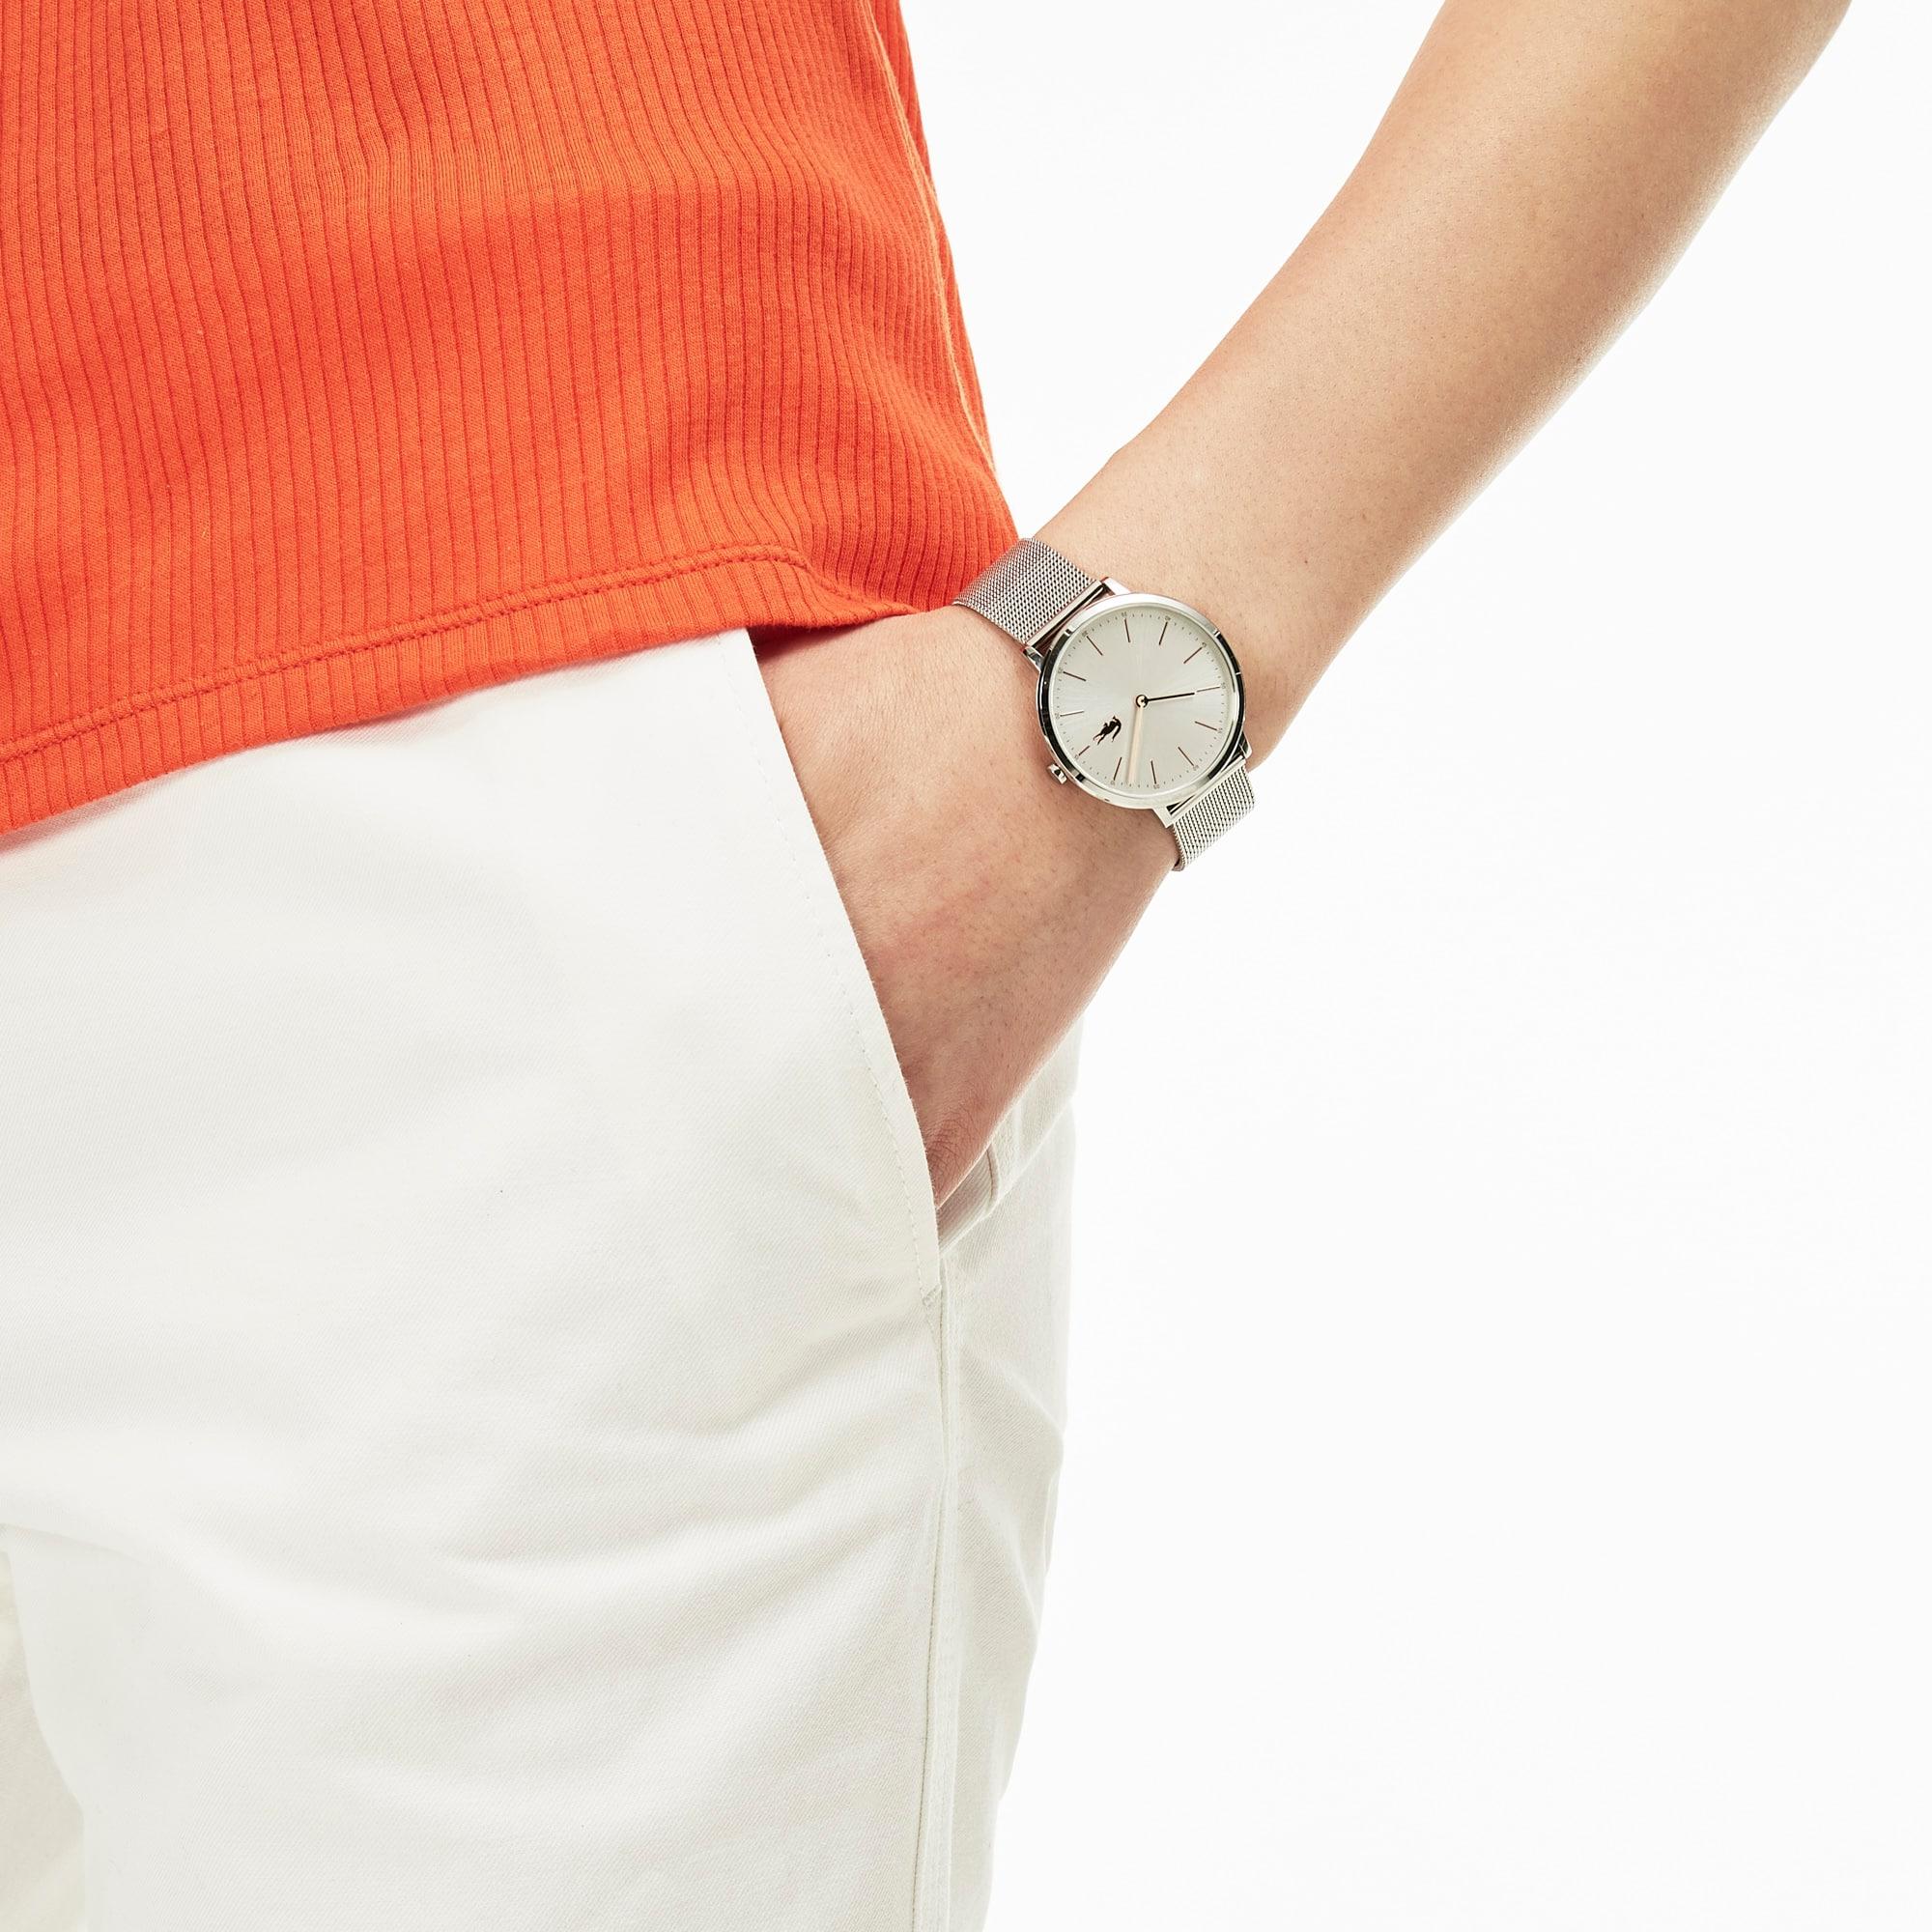 Relógio Moon Senhora com Bracelete em Aço Cinzento